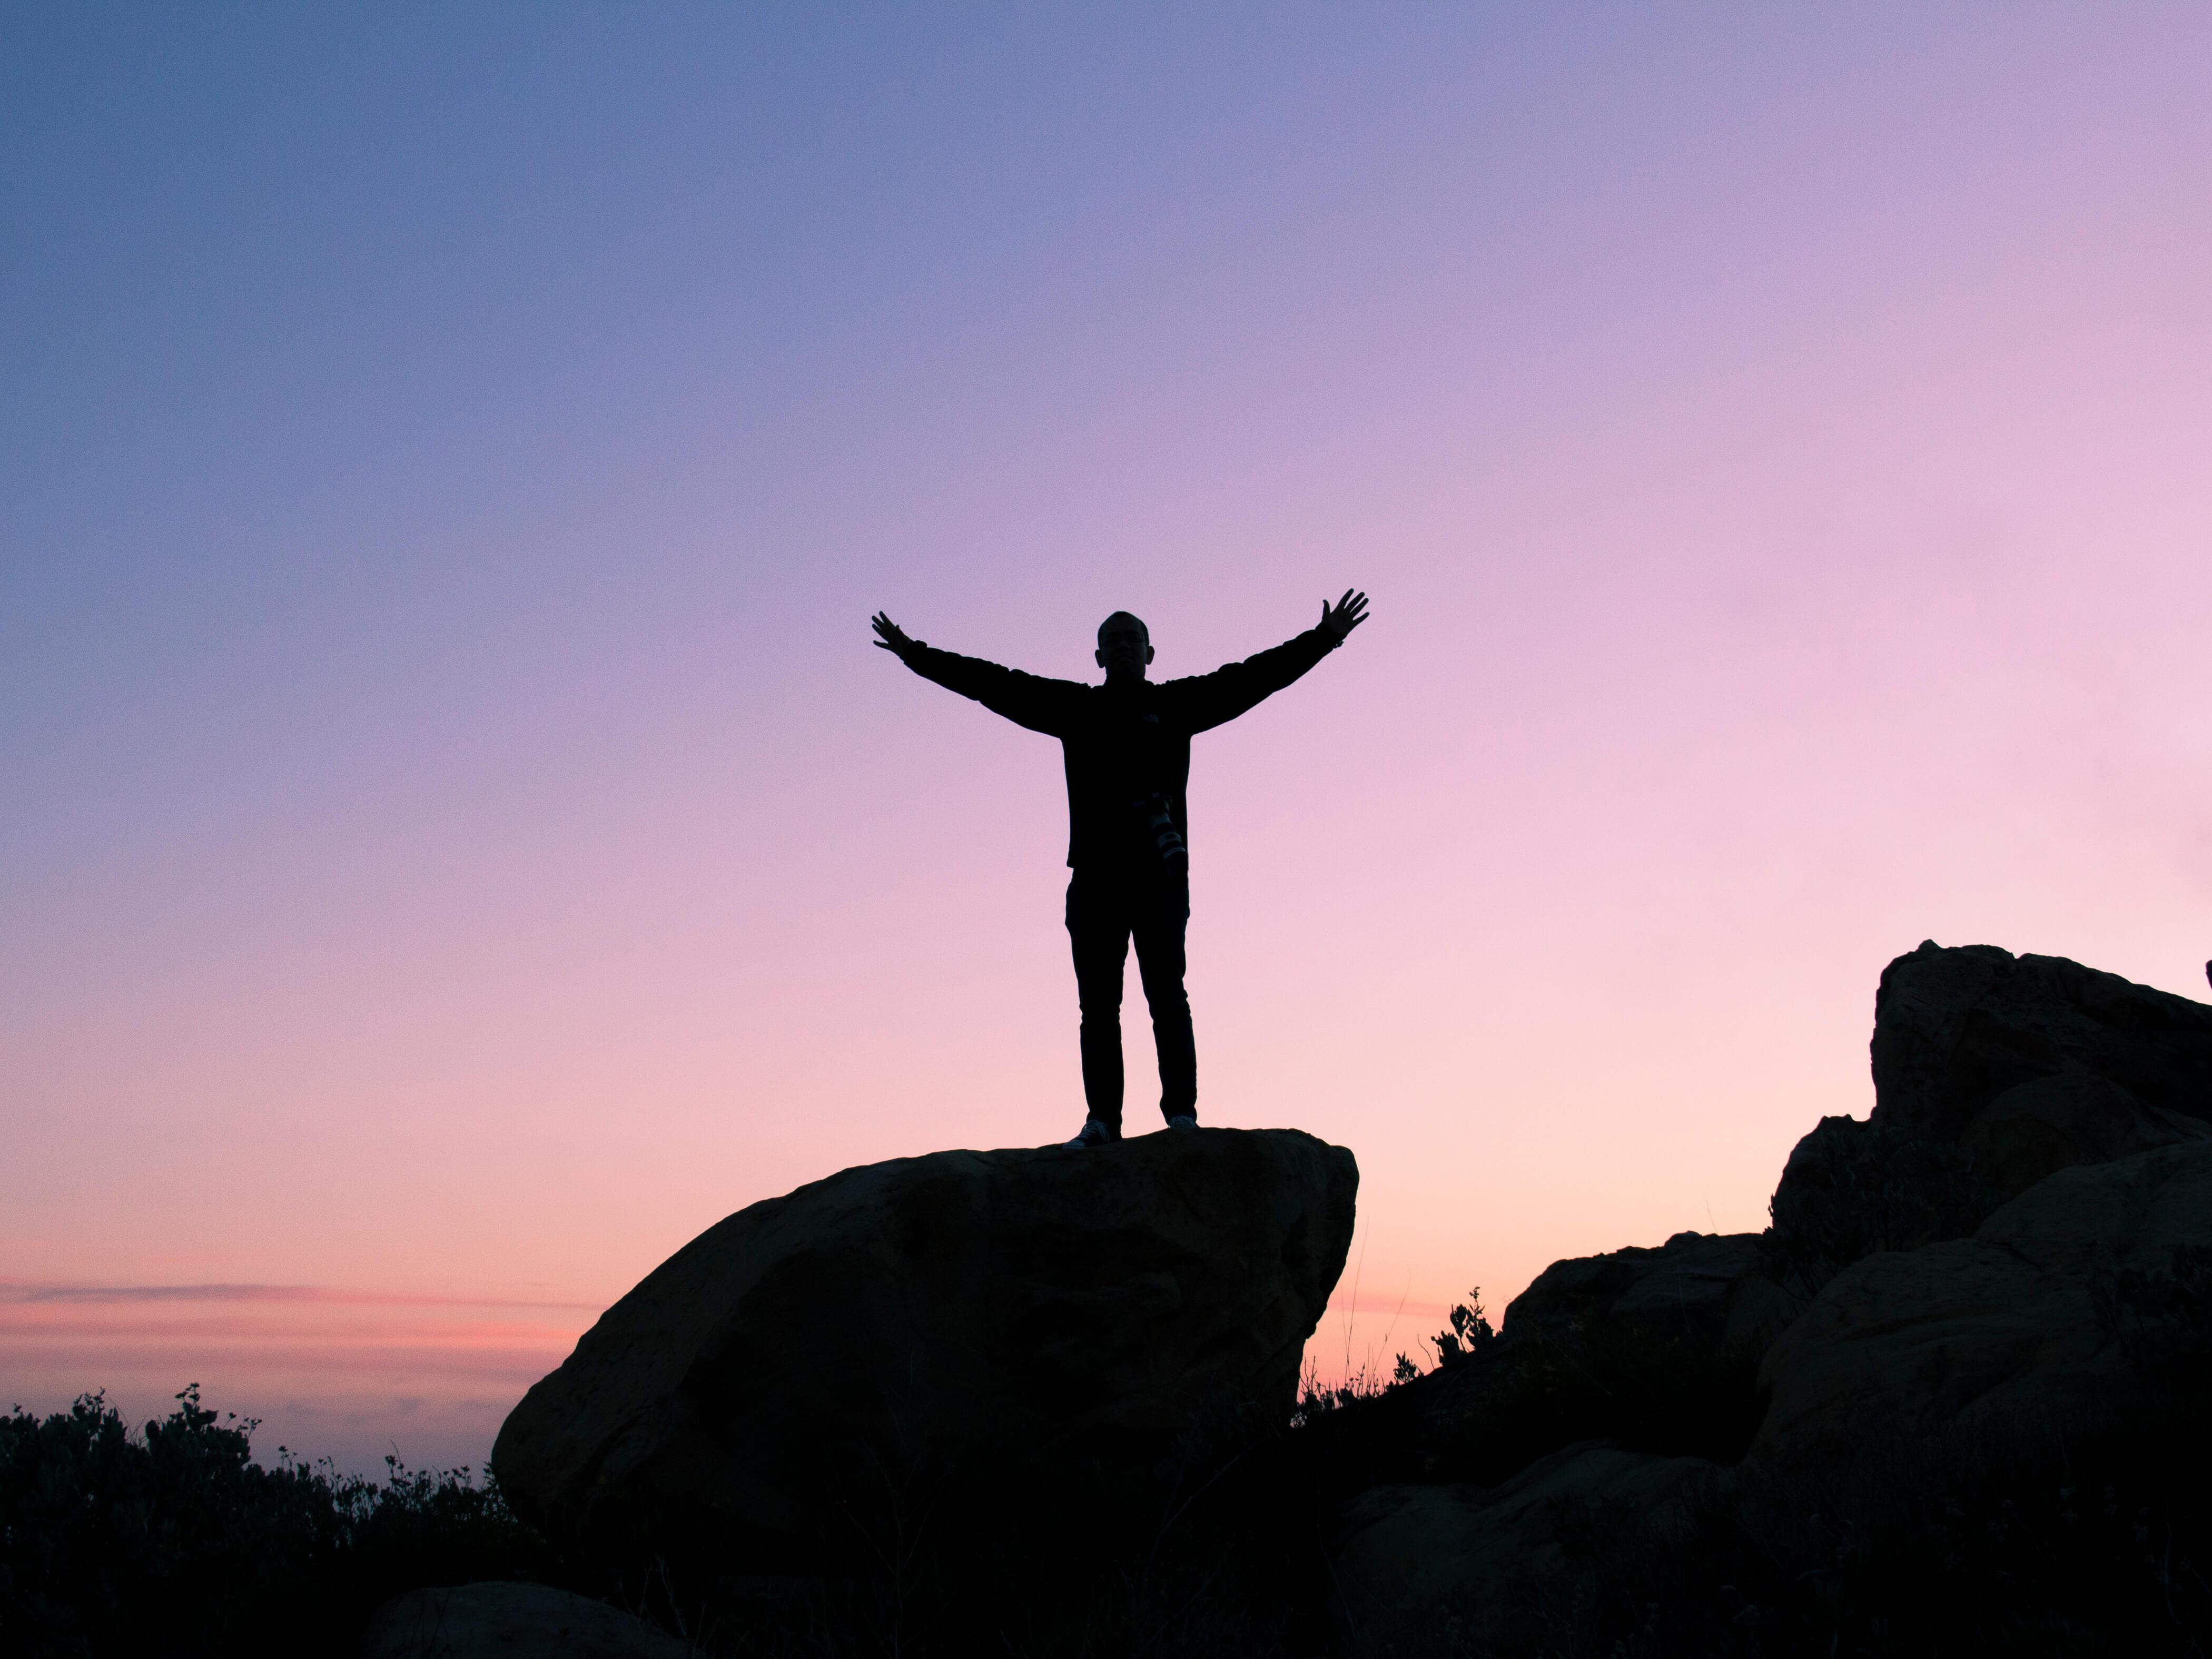 Grow Your Confidence Through Self-Respect